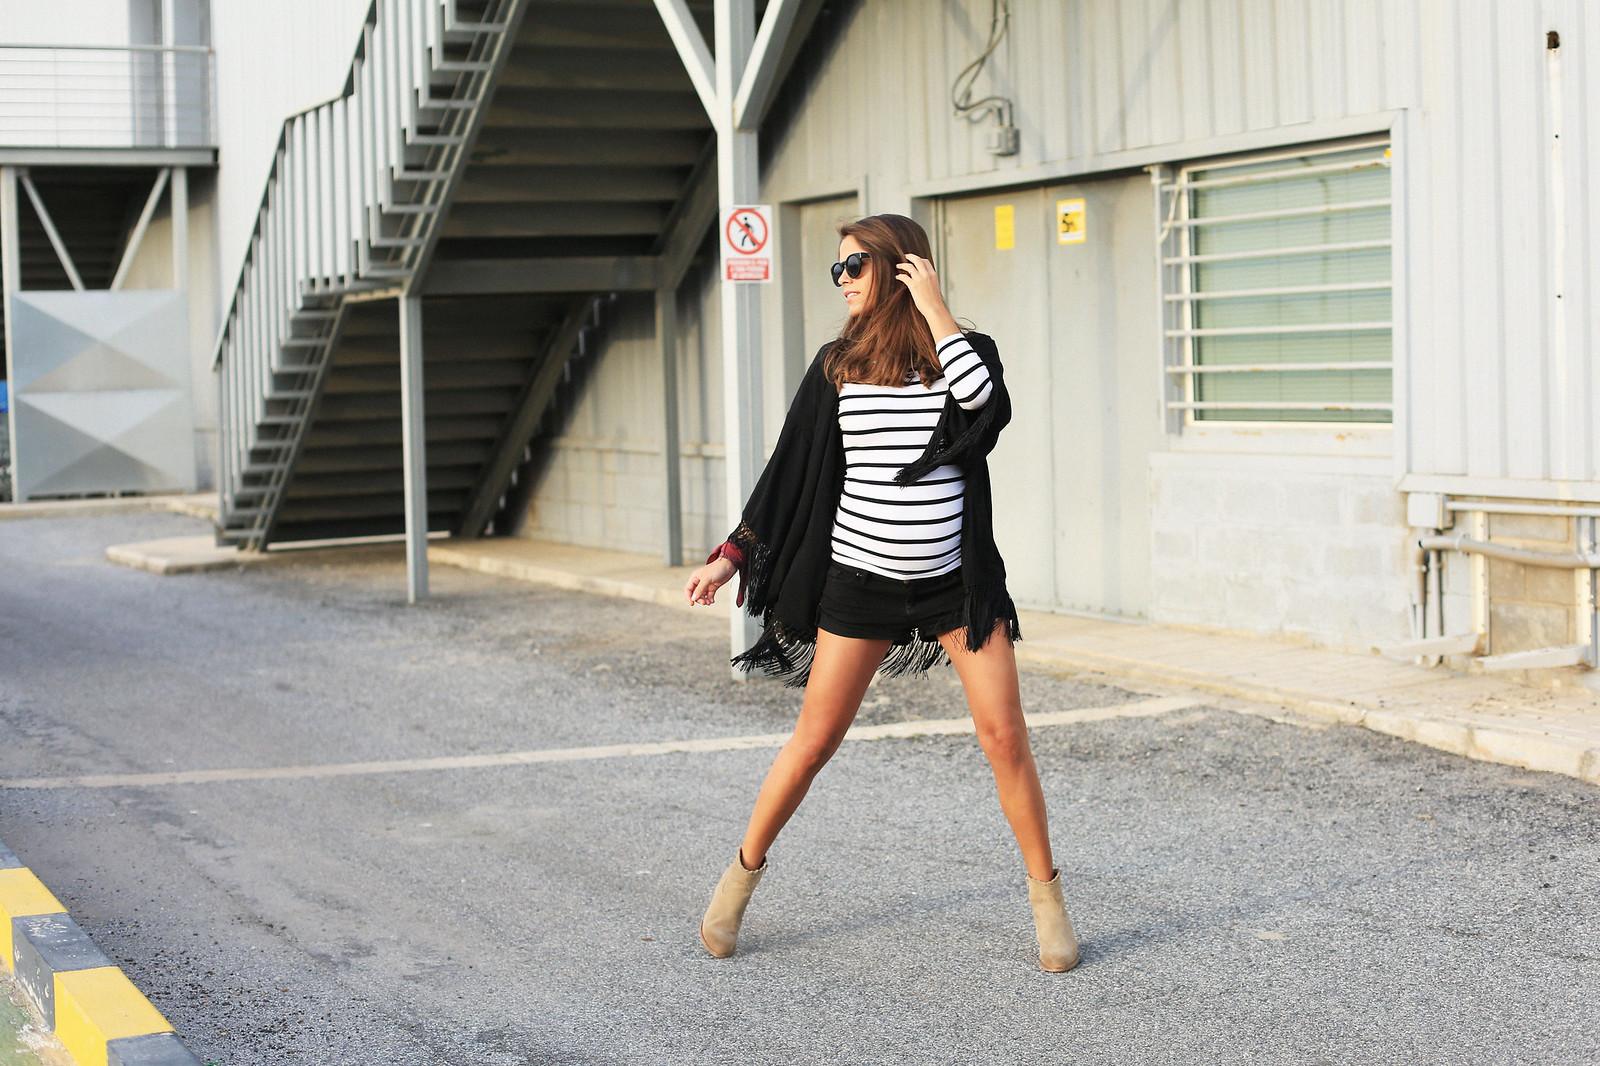 jessie_chanes_seams_for_a_desire_black_kimono_striped_top_6